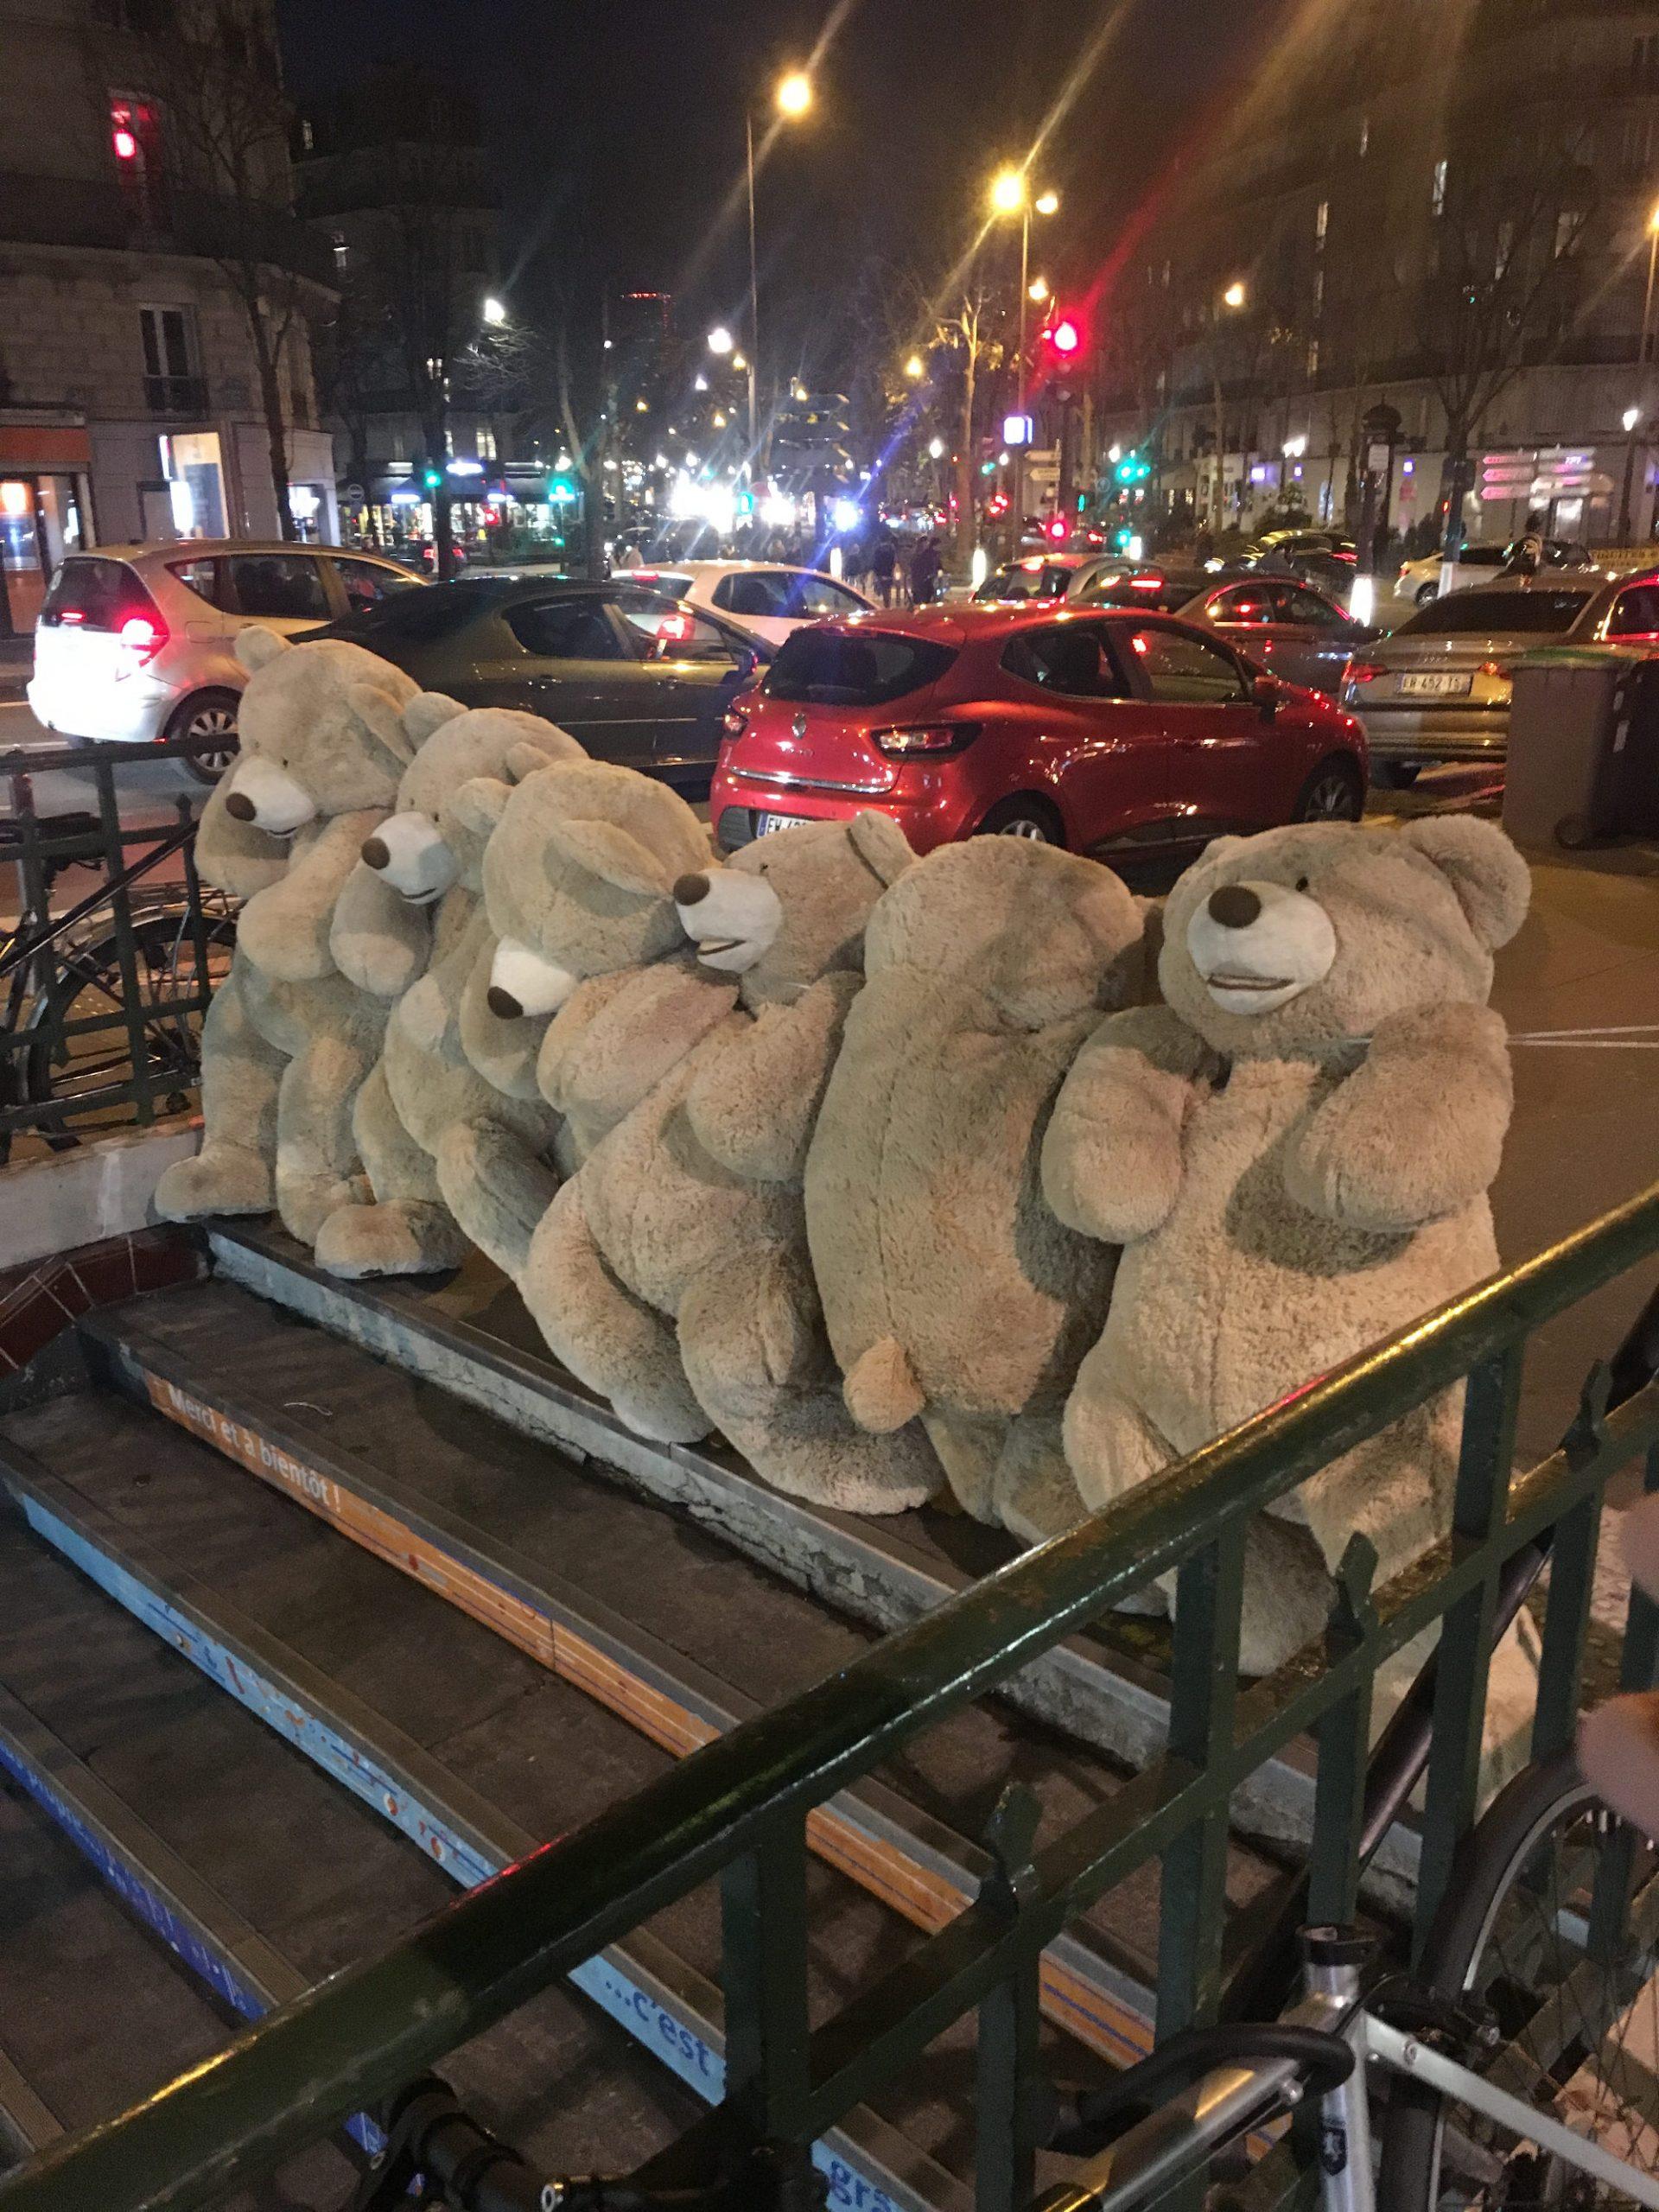 Les Gobelins Teddy Bears.